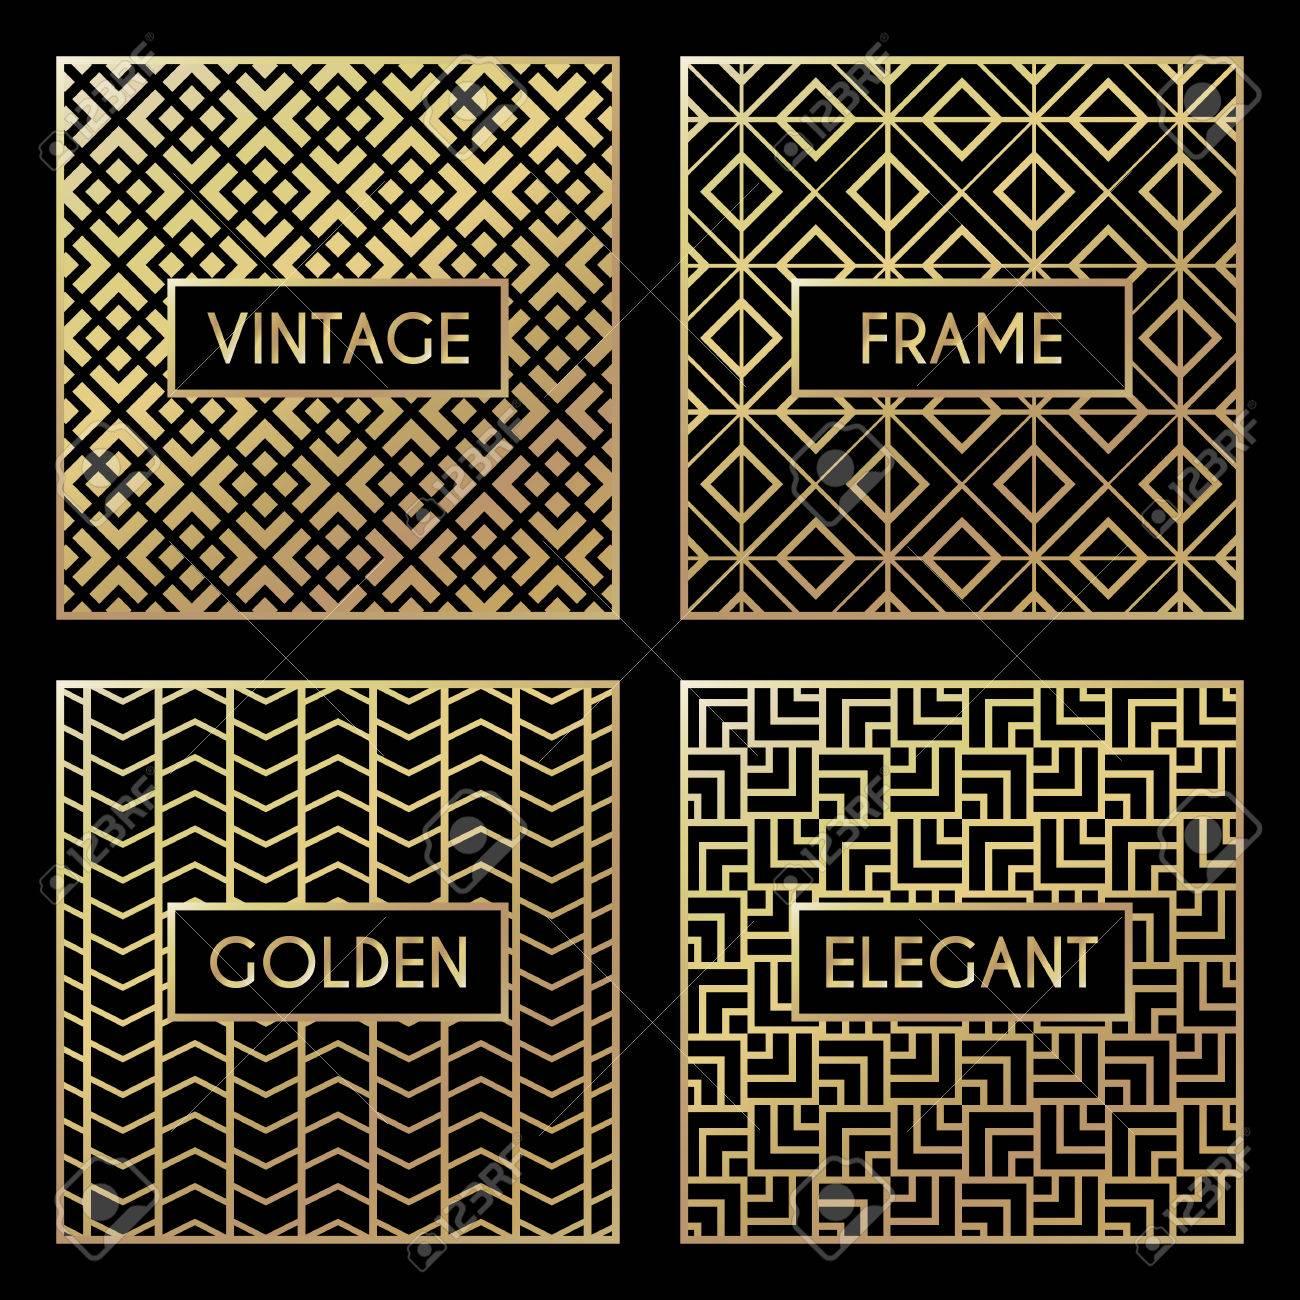 Golden vintage pattern on black background. Vector illustration for retro design. Gold abstract frame. Label set. Elegant luxury foil - 67873326